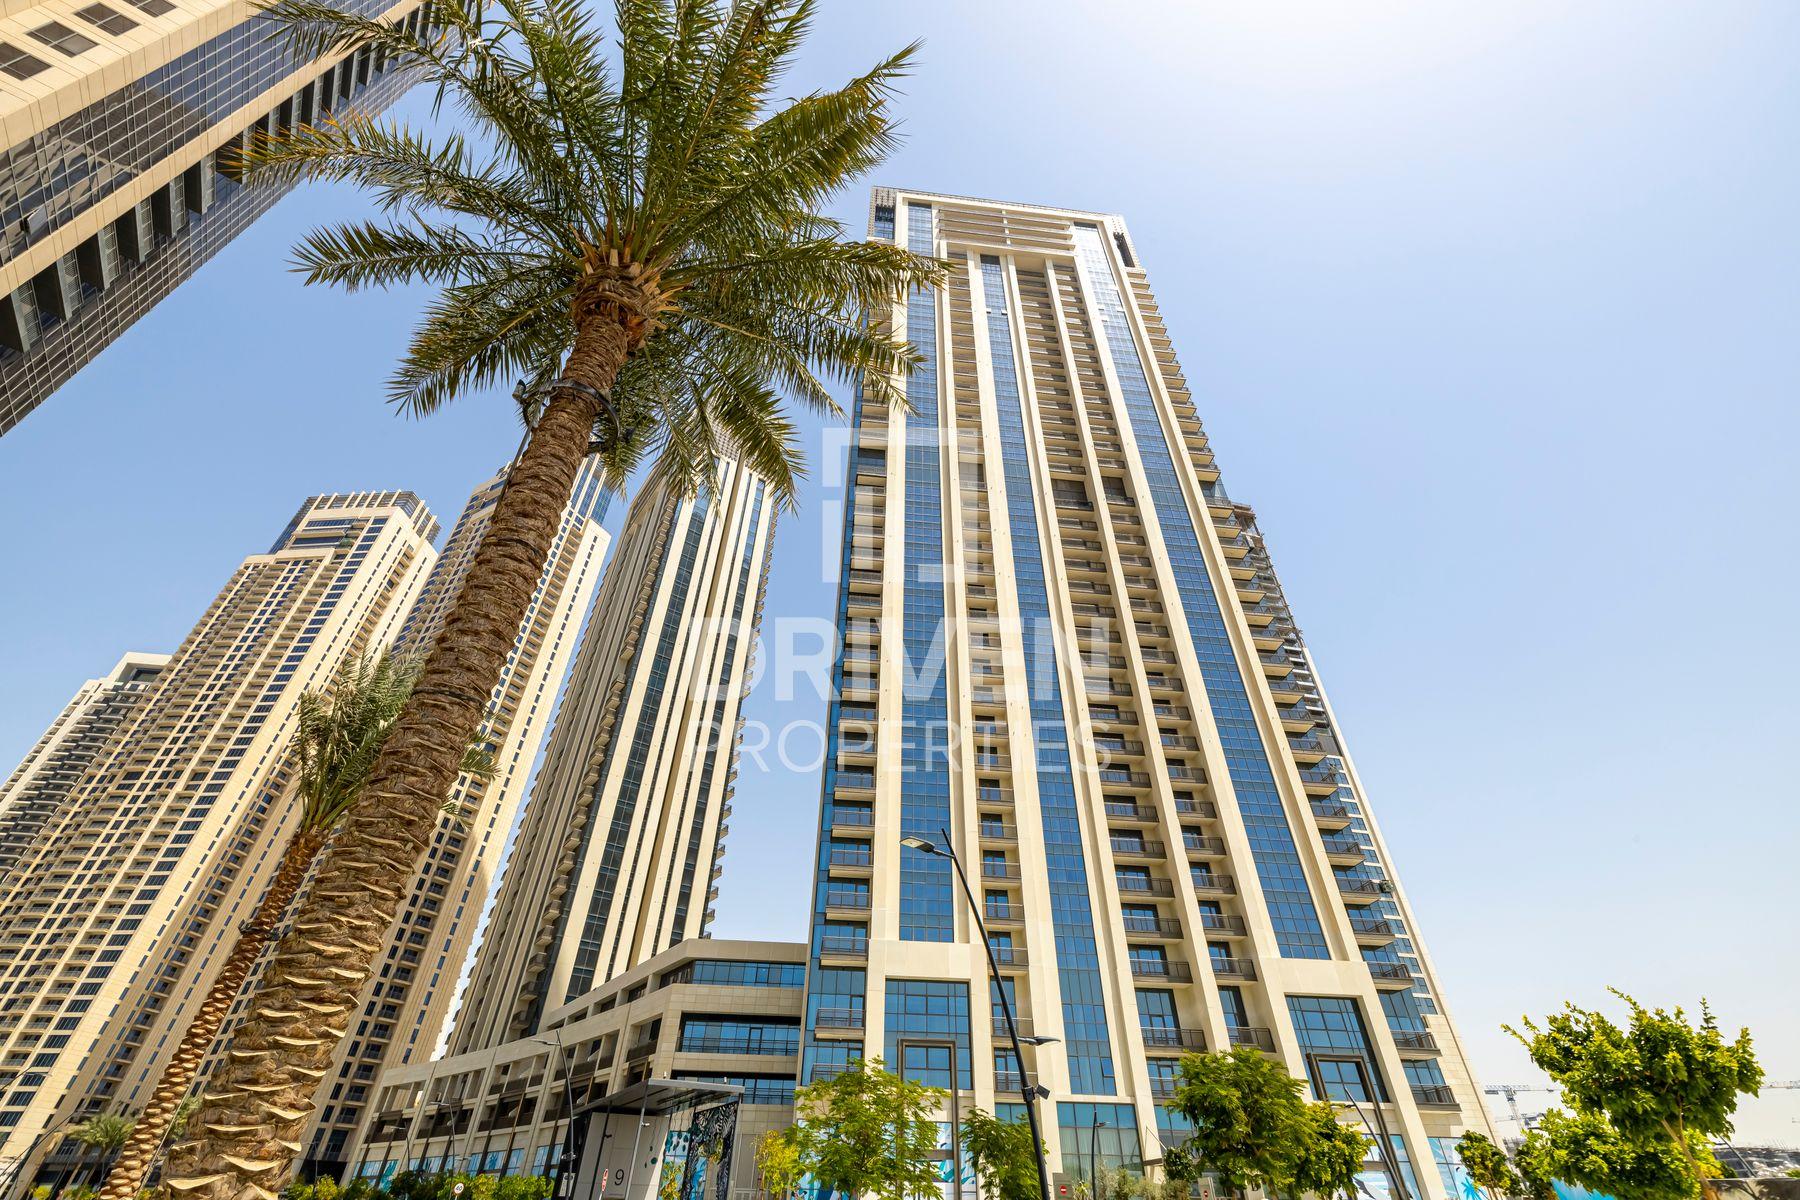 1,135 قدم مربع  شقة - للبيع - ميناء خور دبي